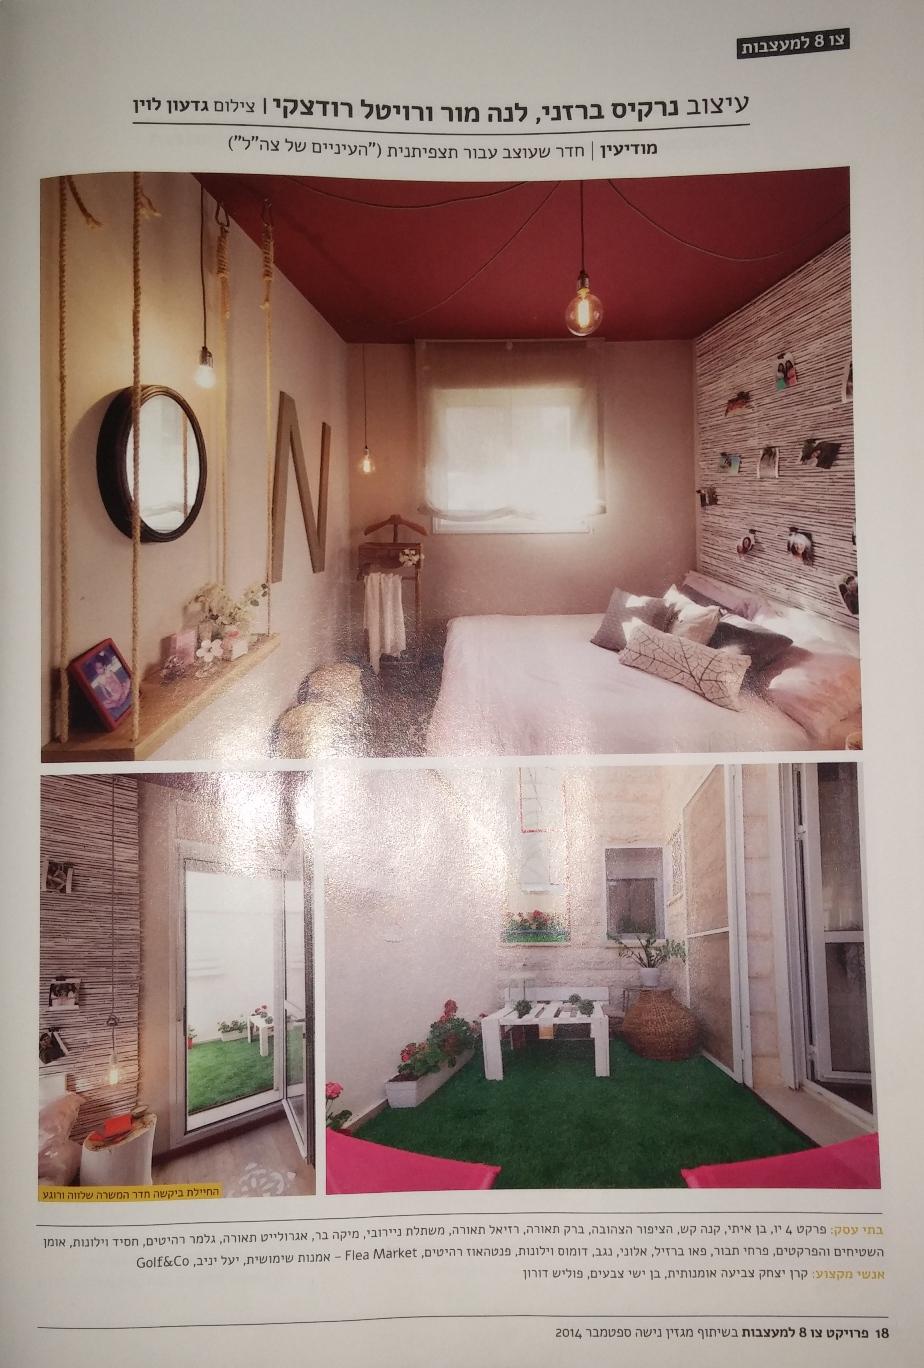 עיצוב חדרי מתבגרים   עיצוב הבית   הום סטיילינג   עיצוב בצבע